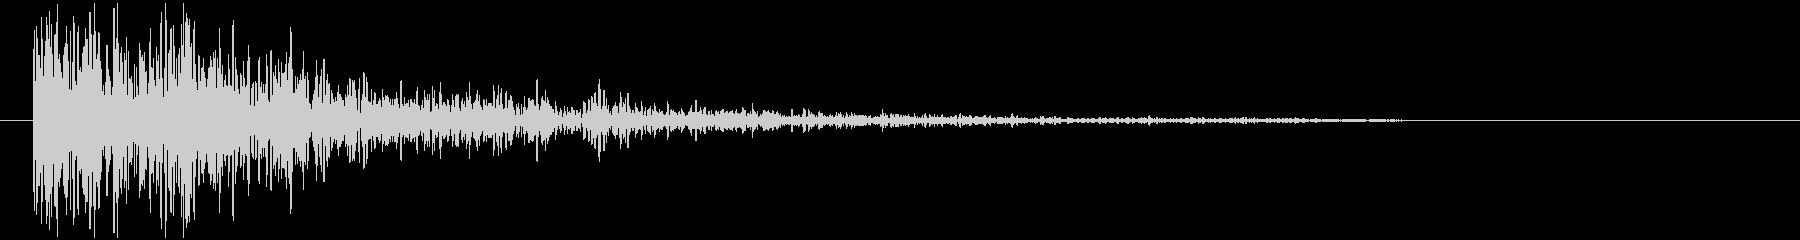 ゴーン ホラー系 1(効果音)の未再生の波形